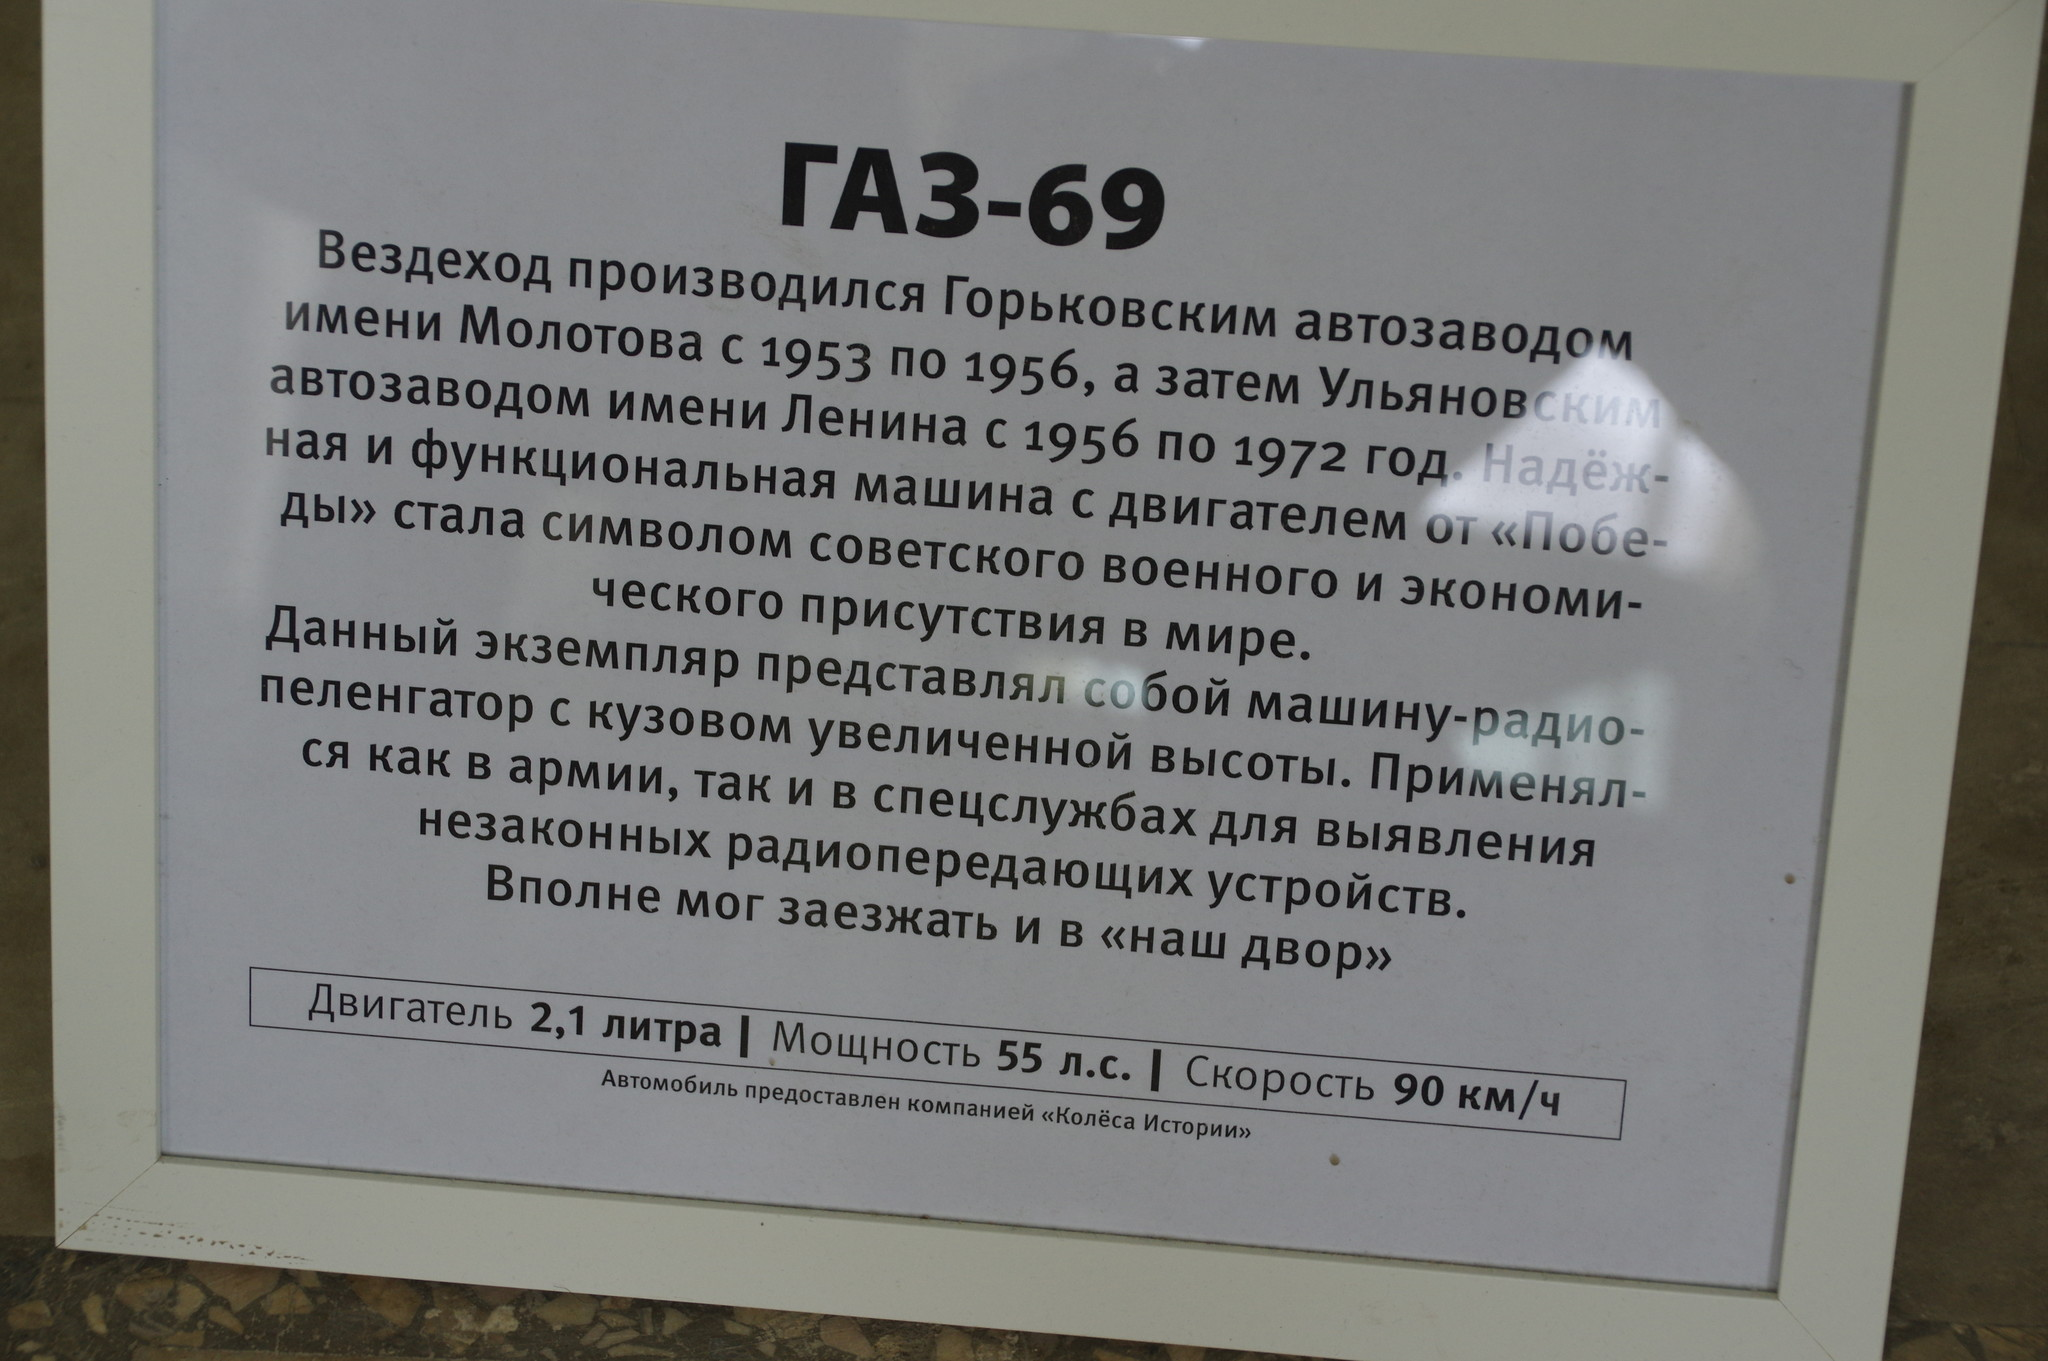 Автомобиль ГАЗ-69. Выставка «Машины нашего двора» на ВДНХ